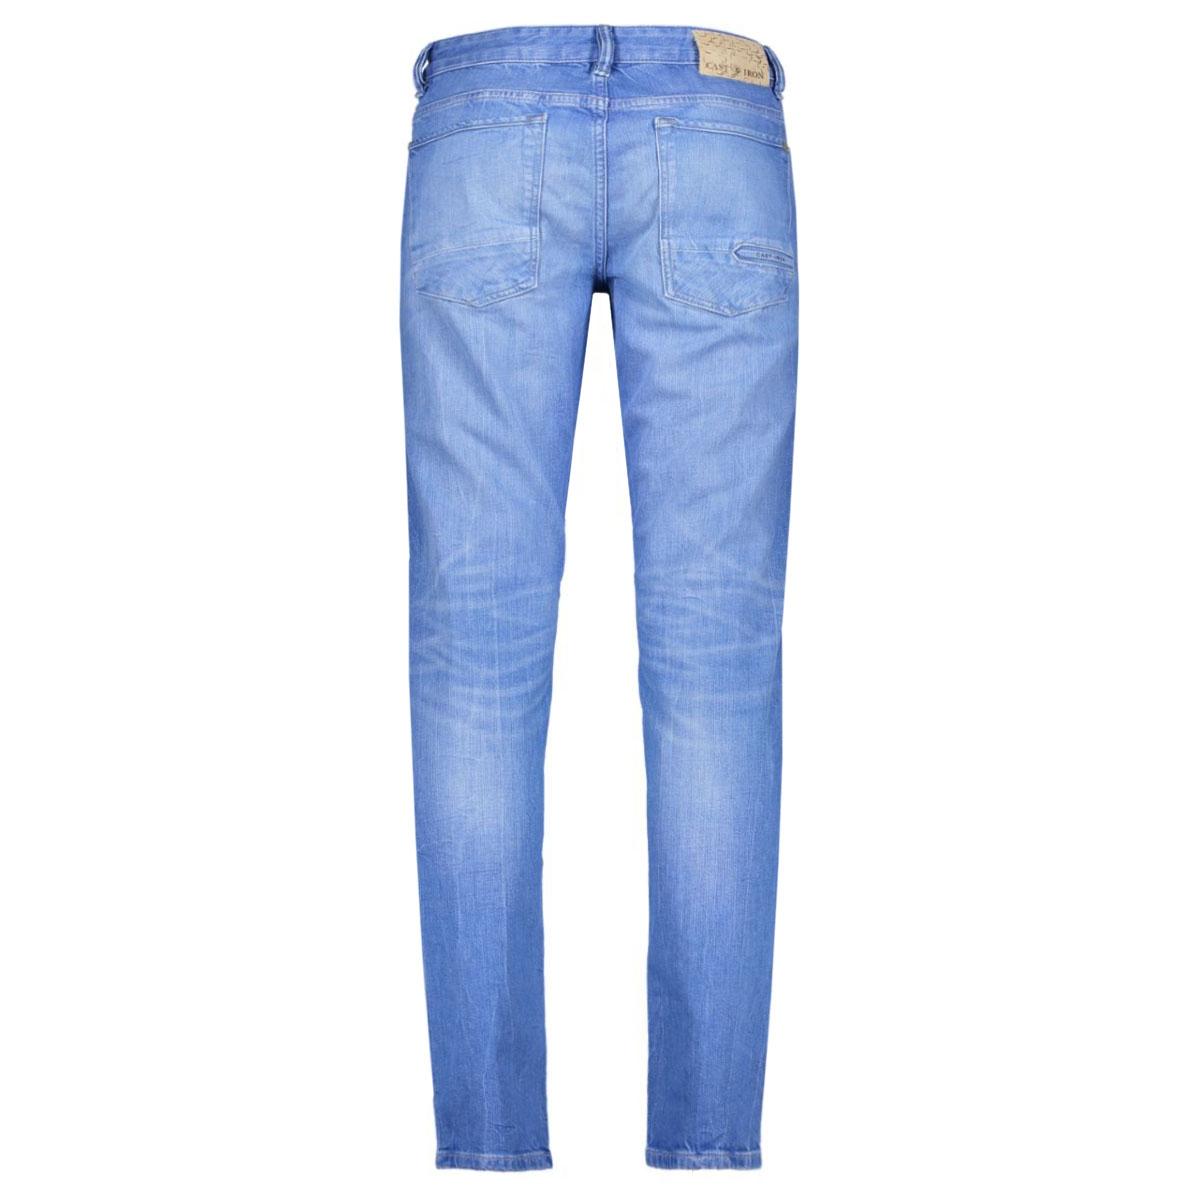 ctr71206 cast iron jeans brs